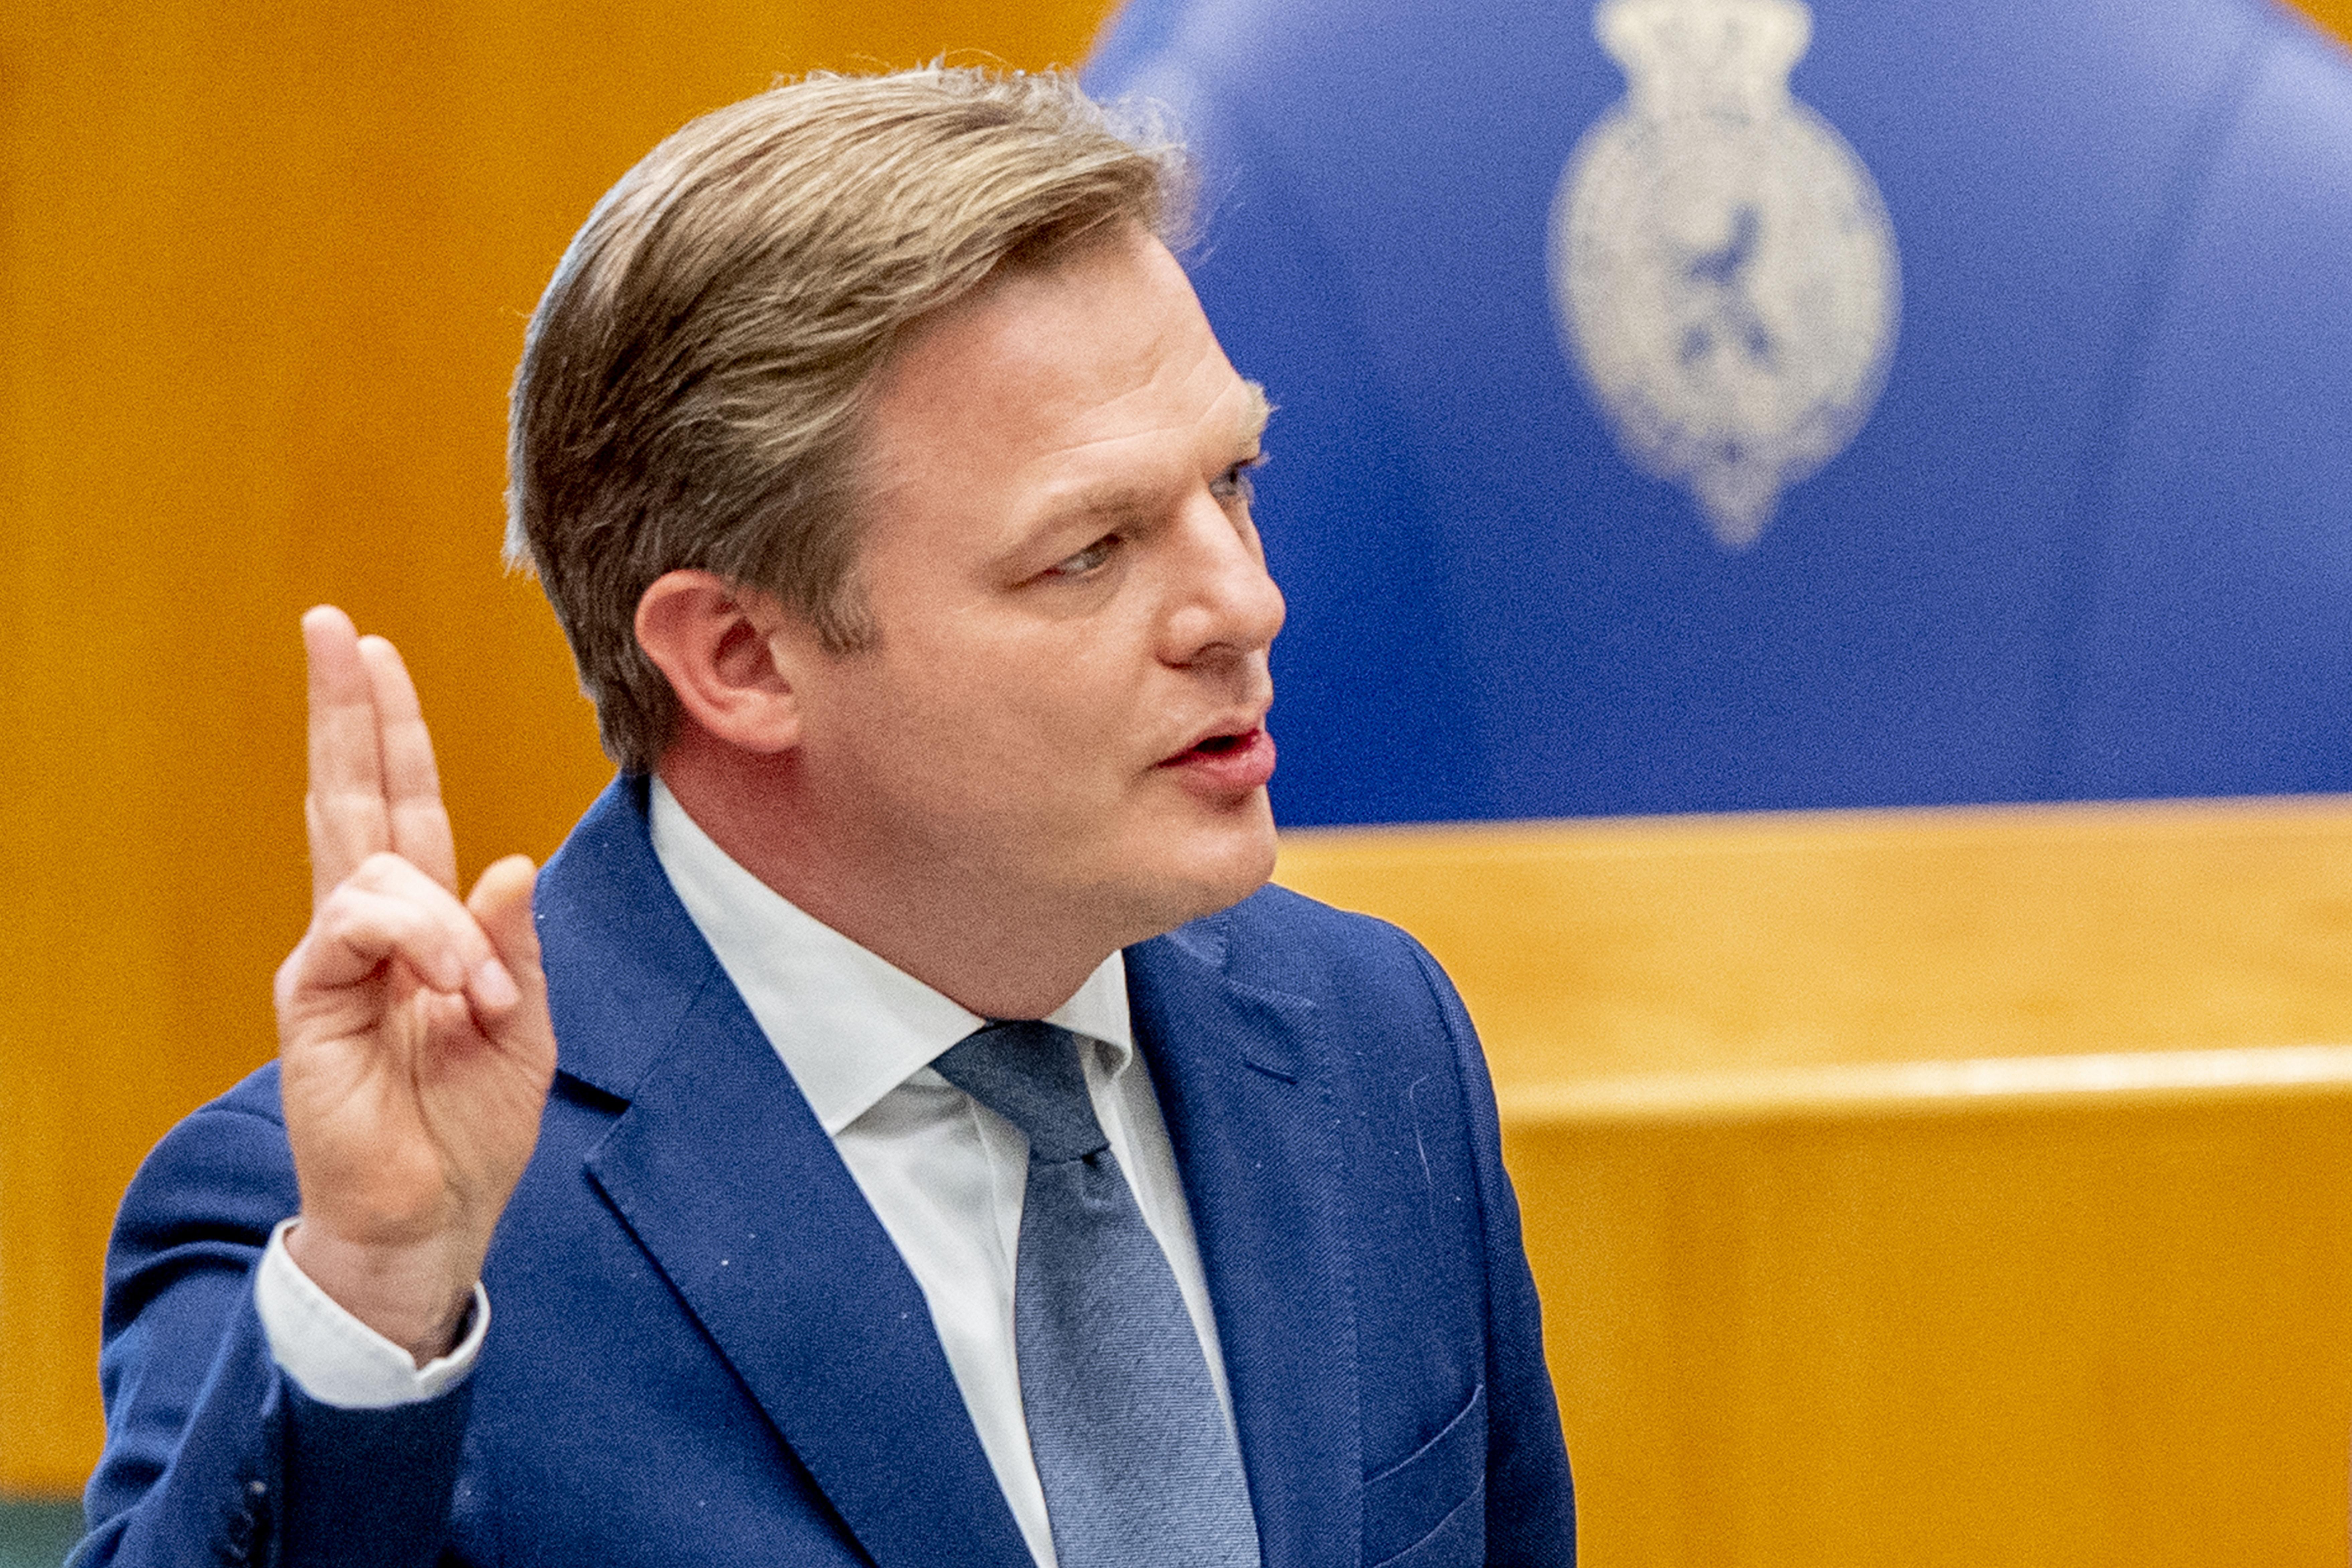 Topambtenaar Paul Abels heeft jarenlang 'ontoelaatbare' tweets geschreven over Pieter Omtzigt – Wel.nl